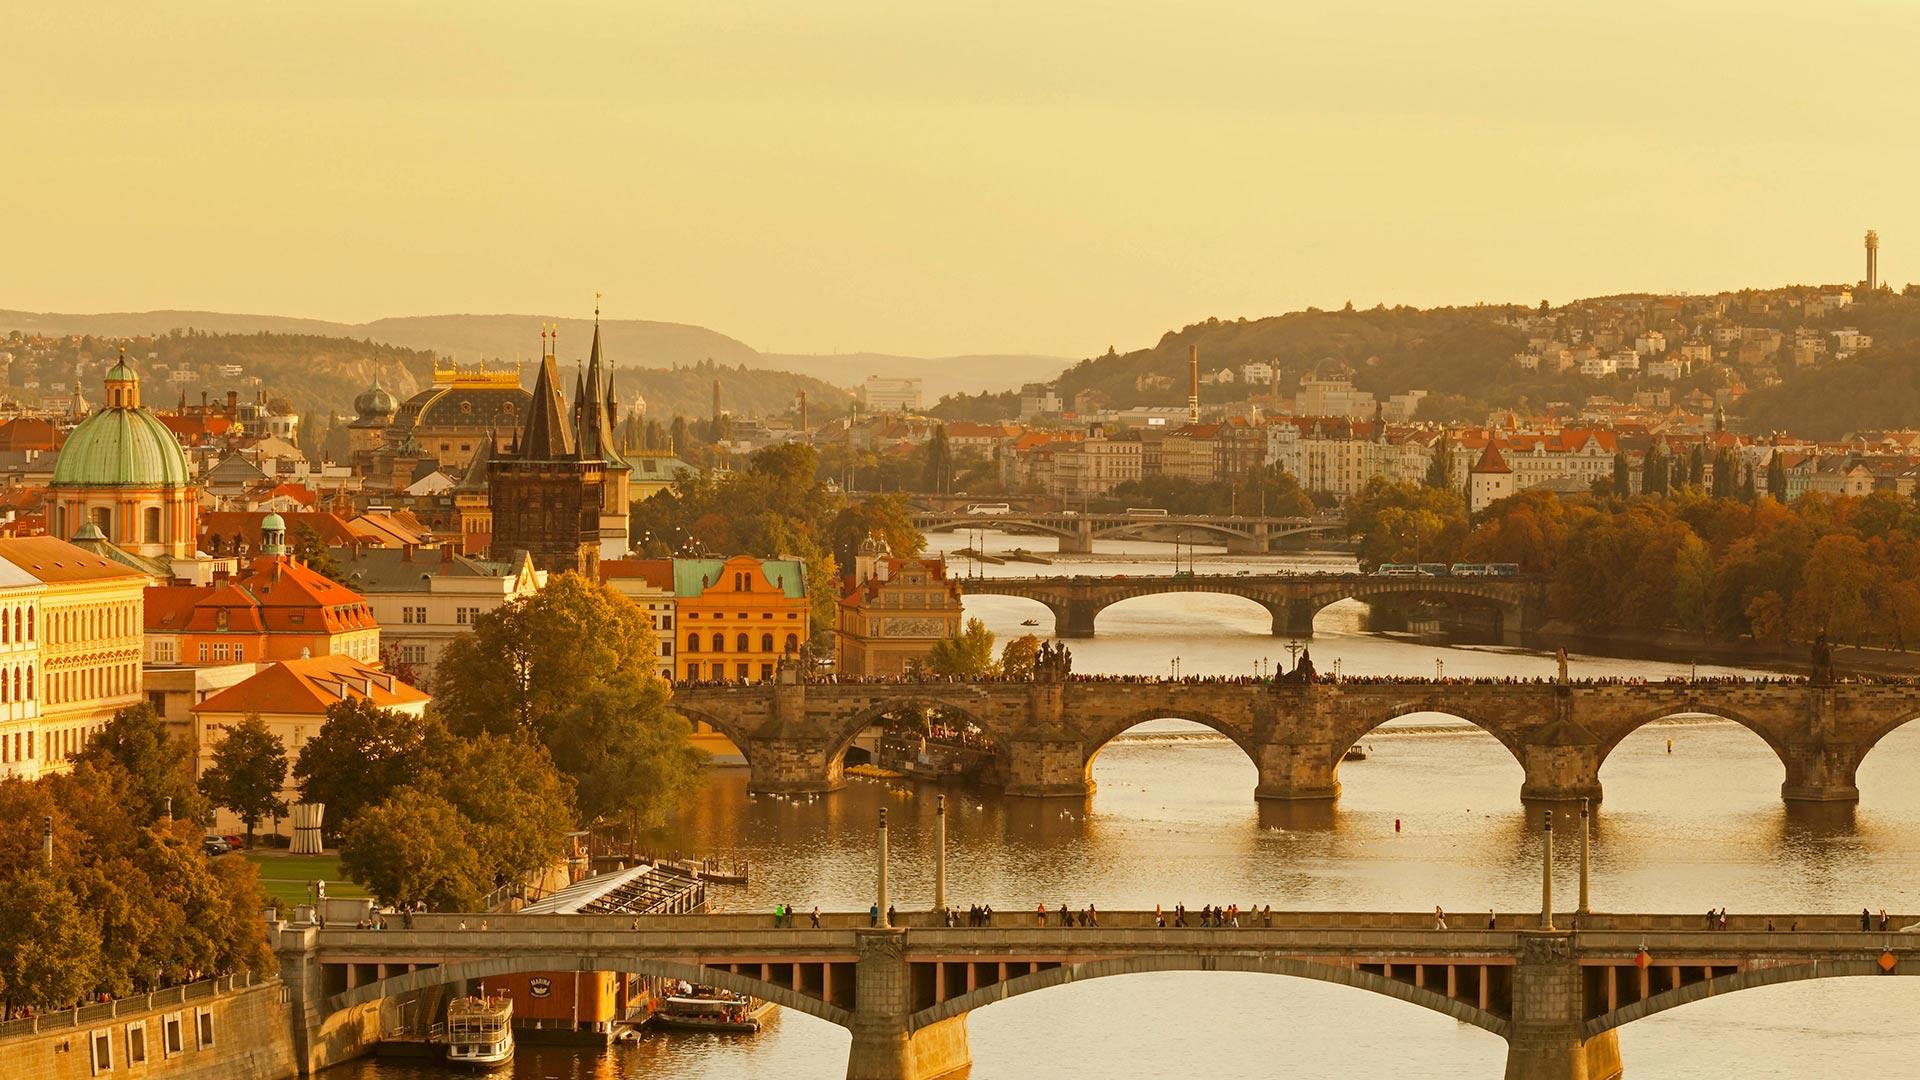 伏尔塔瓦河上的查理大桥和老城桥塔查理大桥和老城桥塔